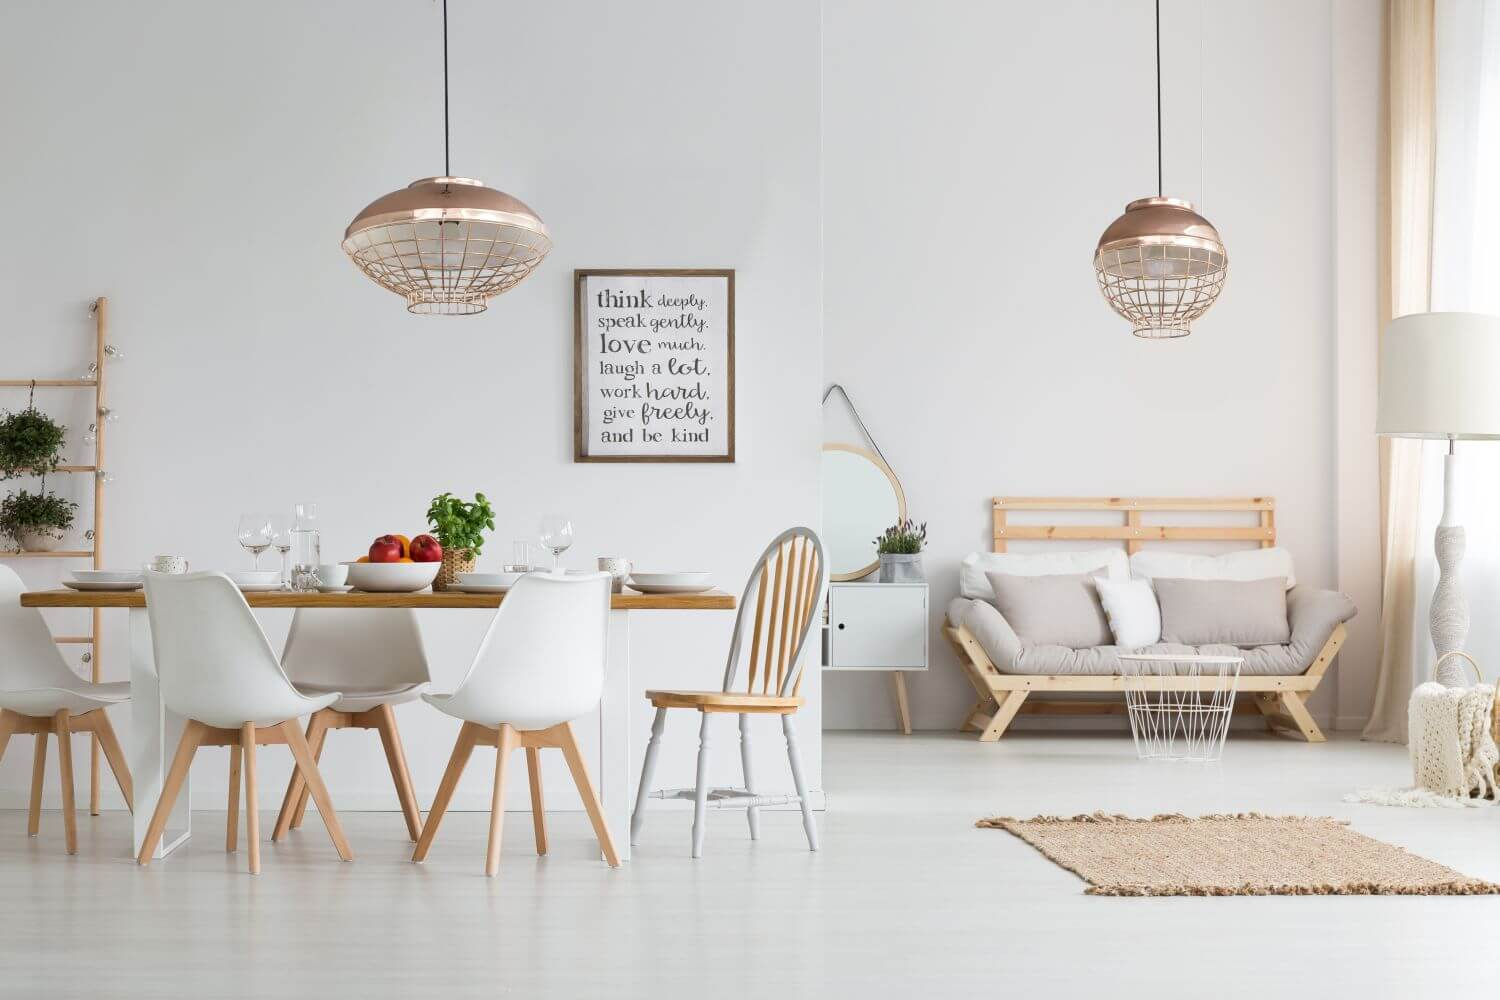 Lampa Wisząca Nad Stół Do Salonu Pomysły I Inspiracje E